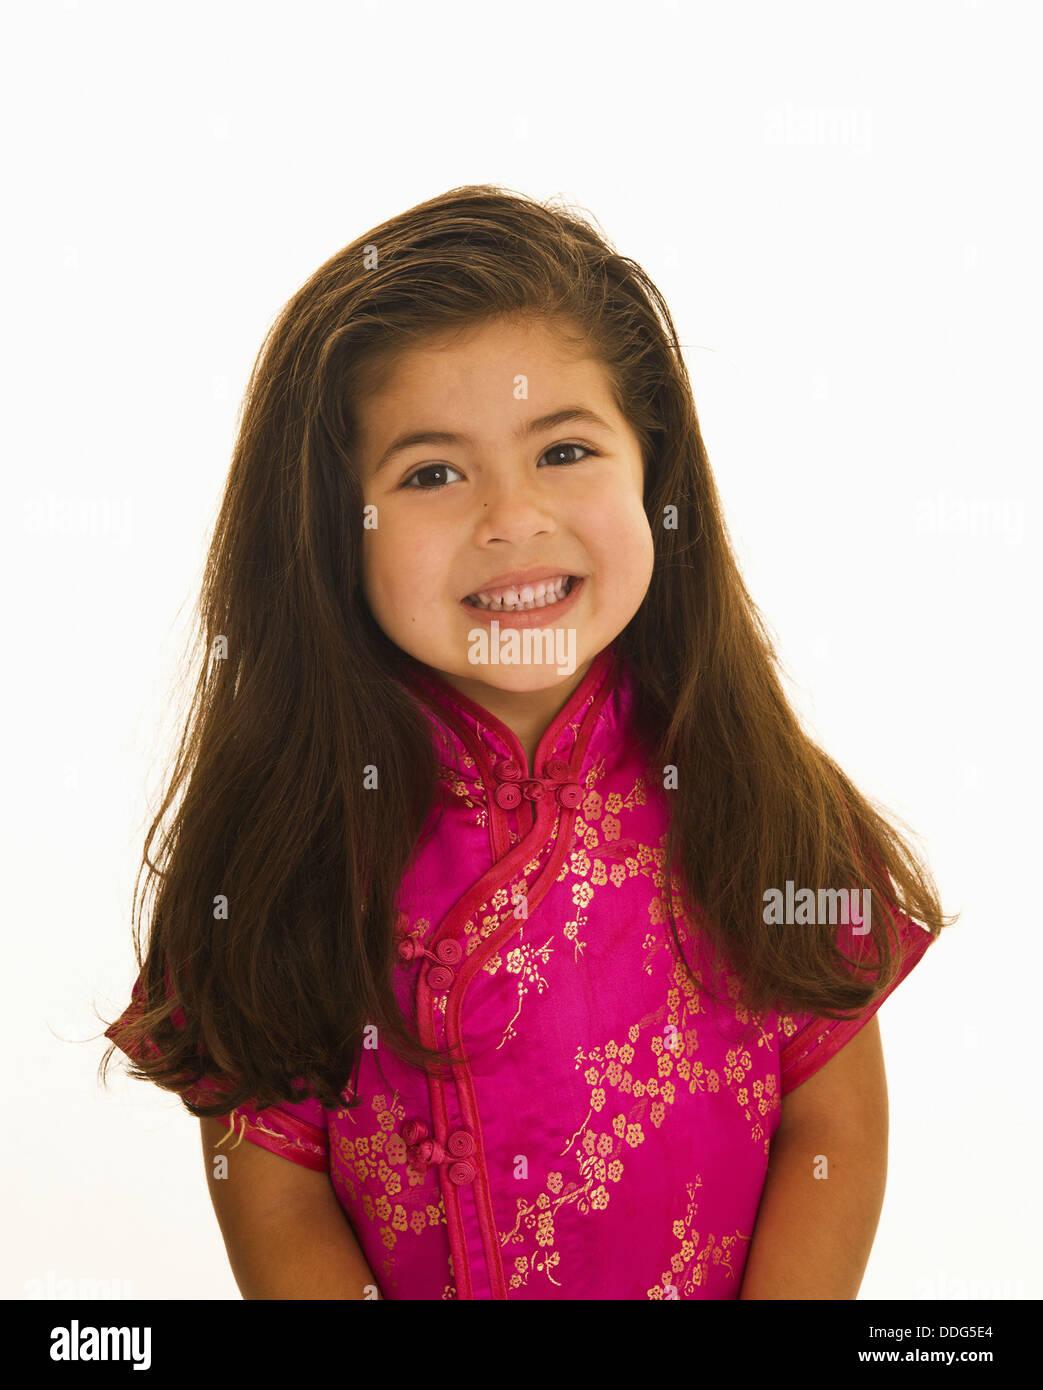 Vier Jahre Altes Mädchen Mit Langen Braunen Haaren In Rosa